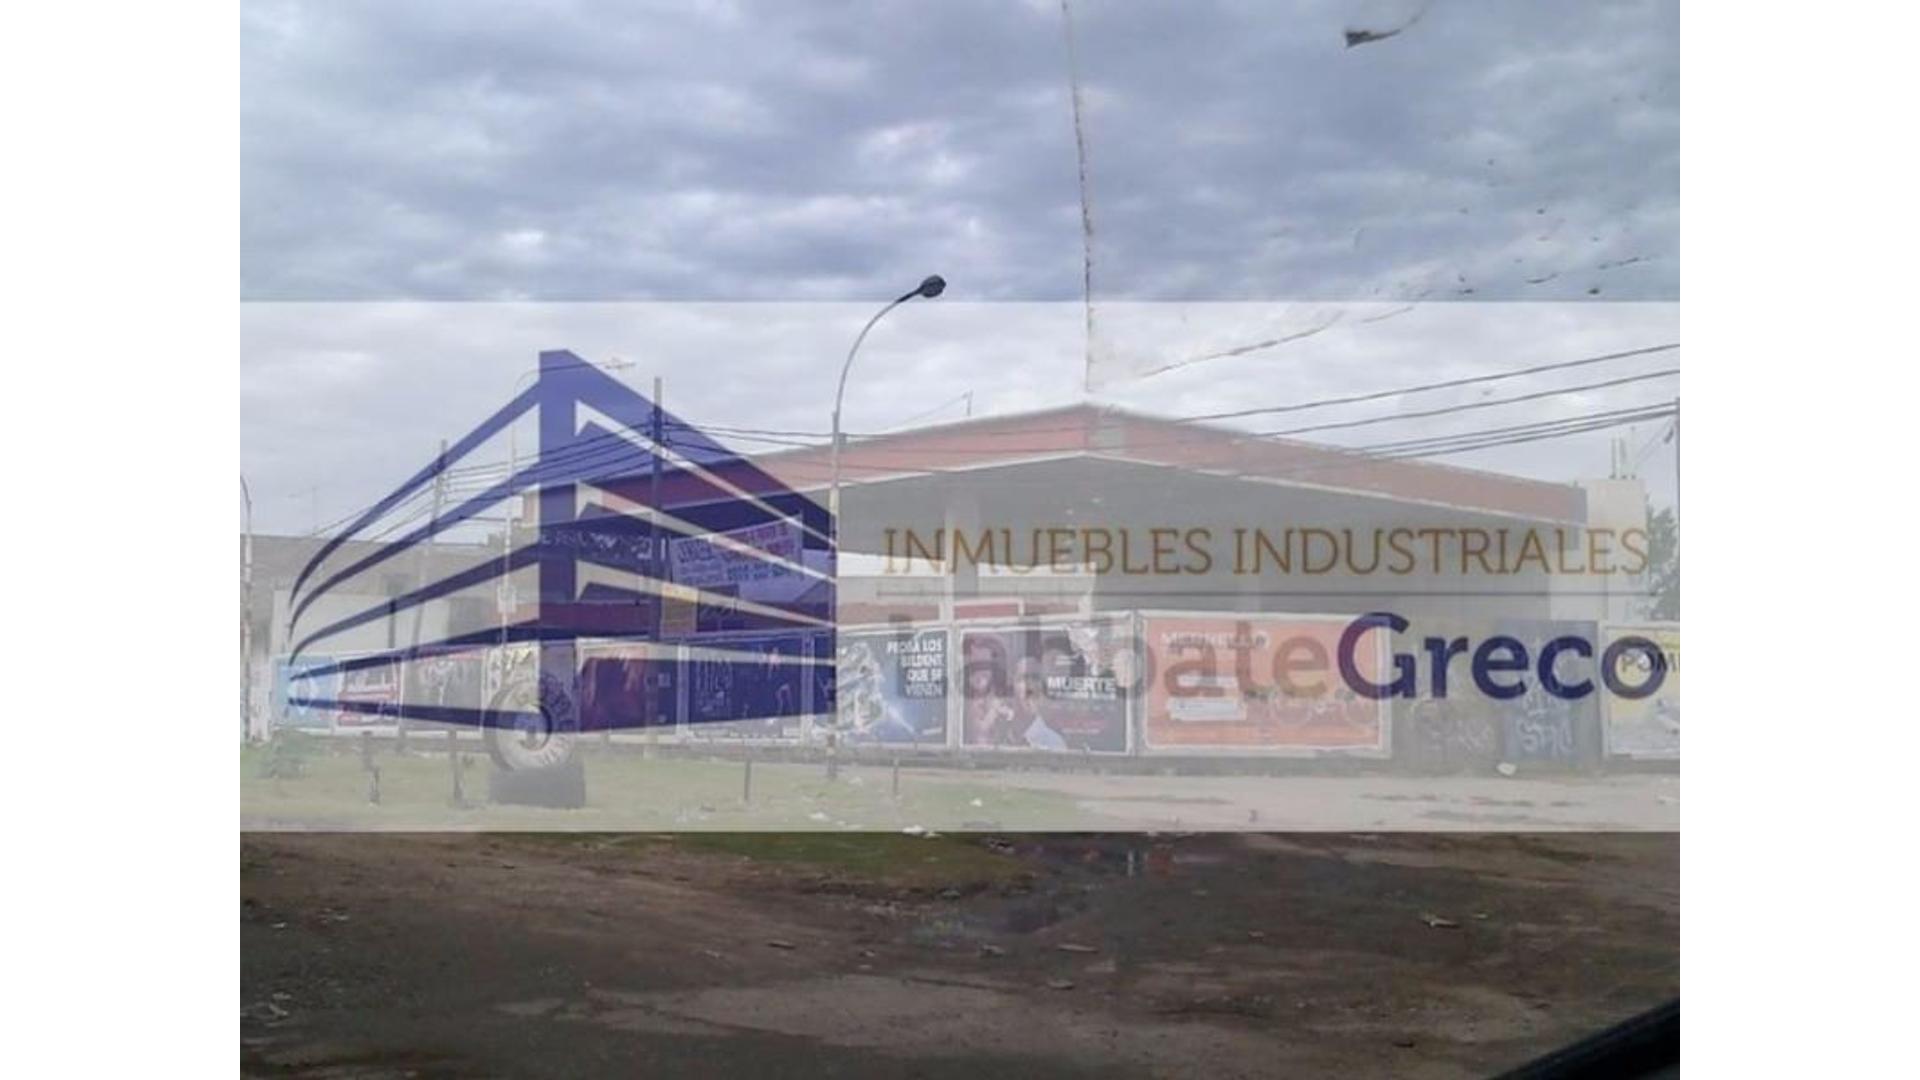 lnmueble industrial de 1.400m2 en VENTA